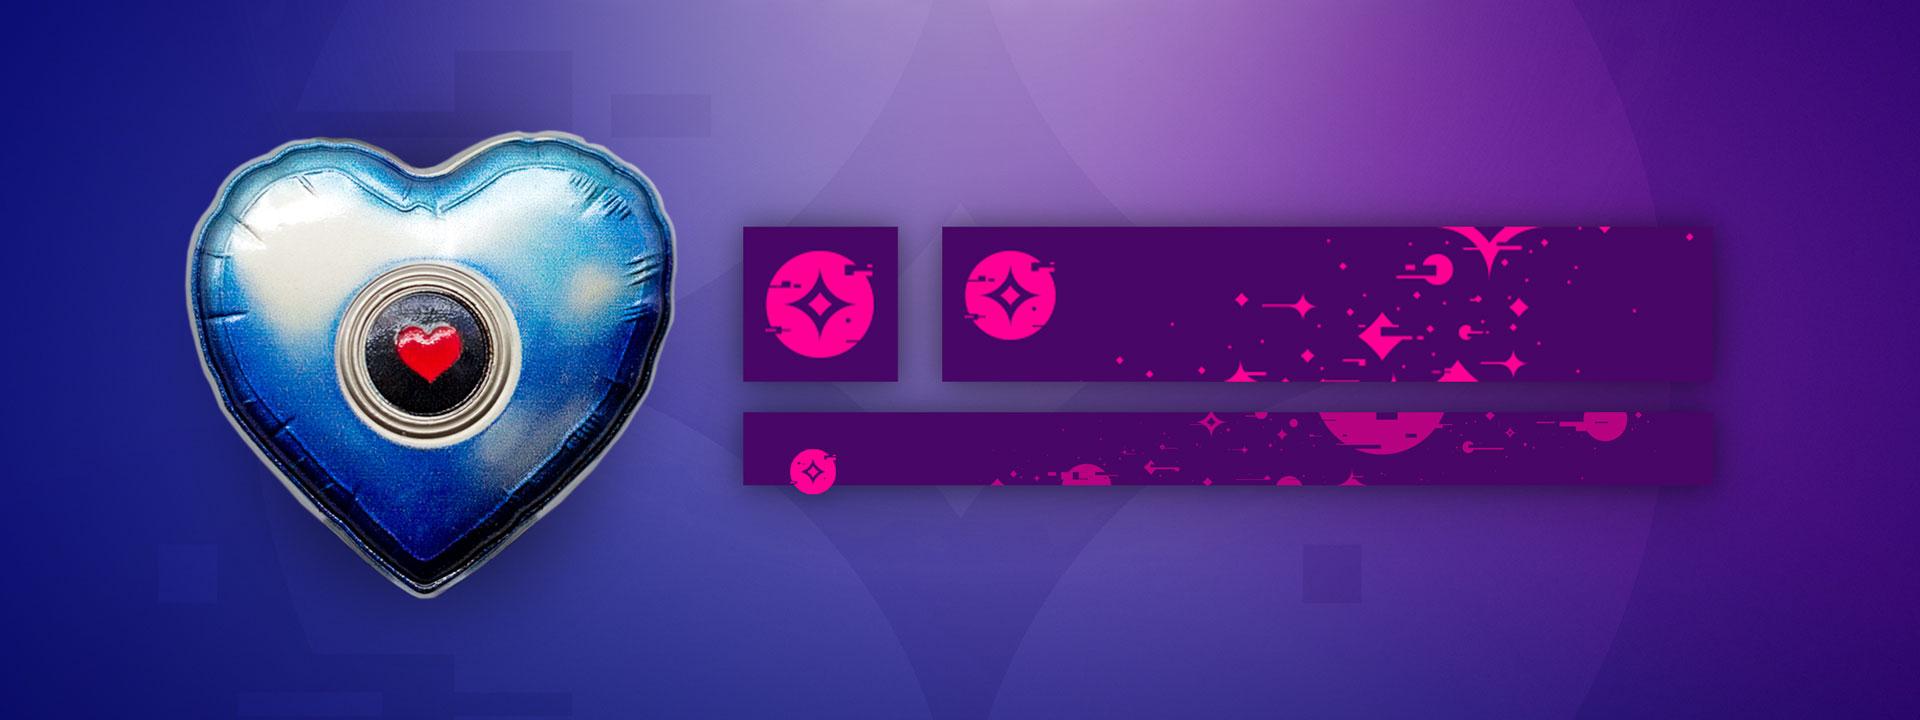 Bungie Rewards Emblem TWAB 2020 10 01 - This Week At Bungie 10/01/2020